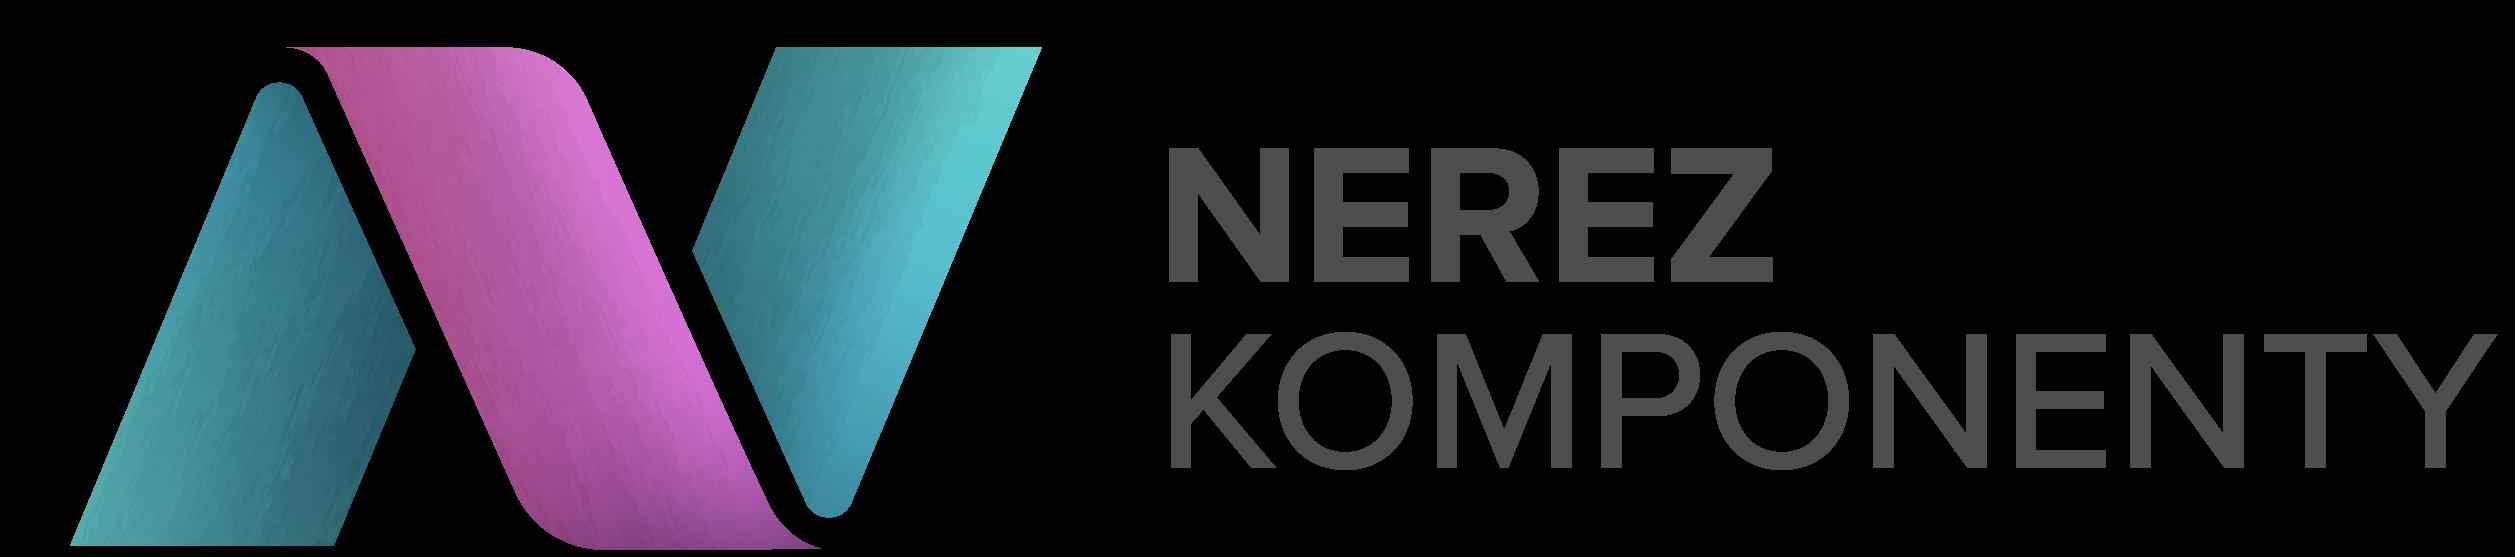 Nerez-komponenty.cz nerezové a skleněné zábradlí